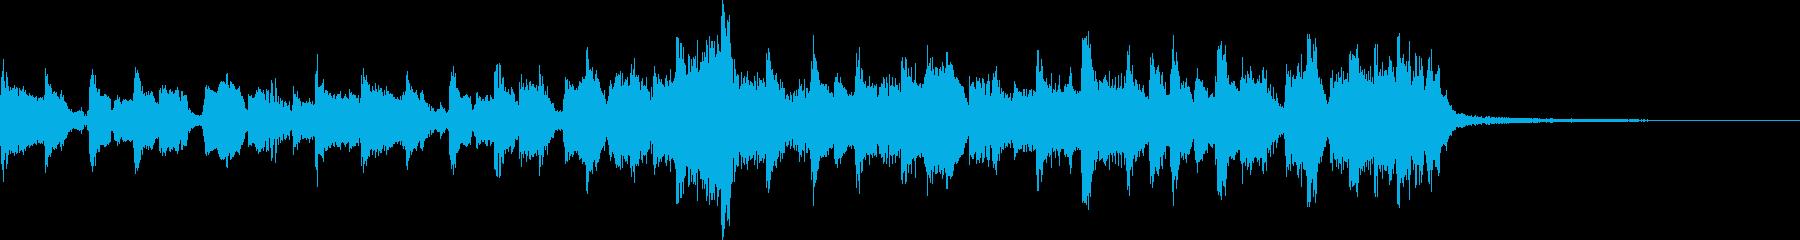 ギターのリフから何かが始まるの再生済みの波形